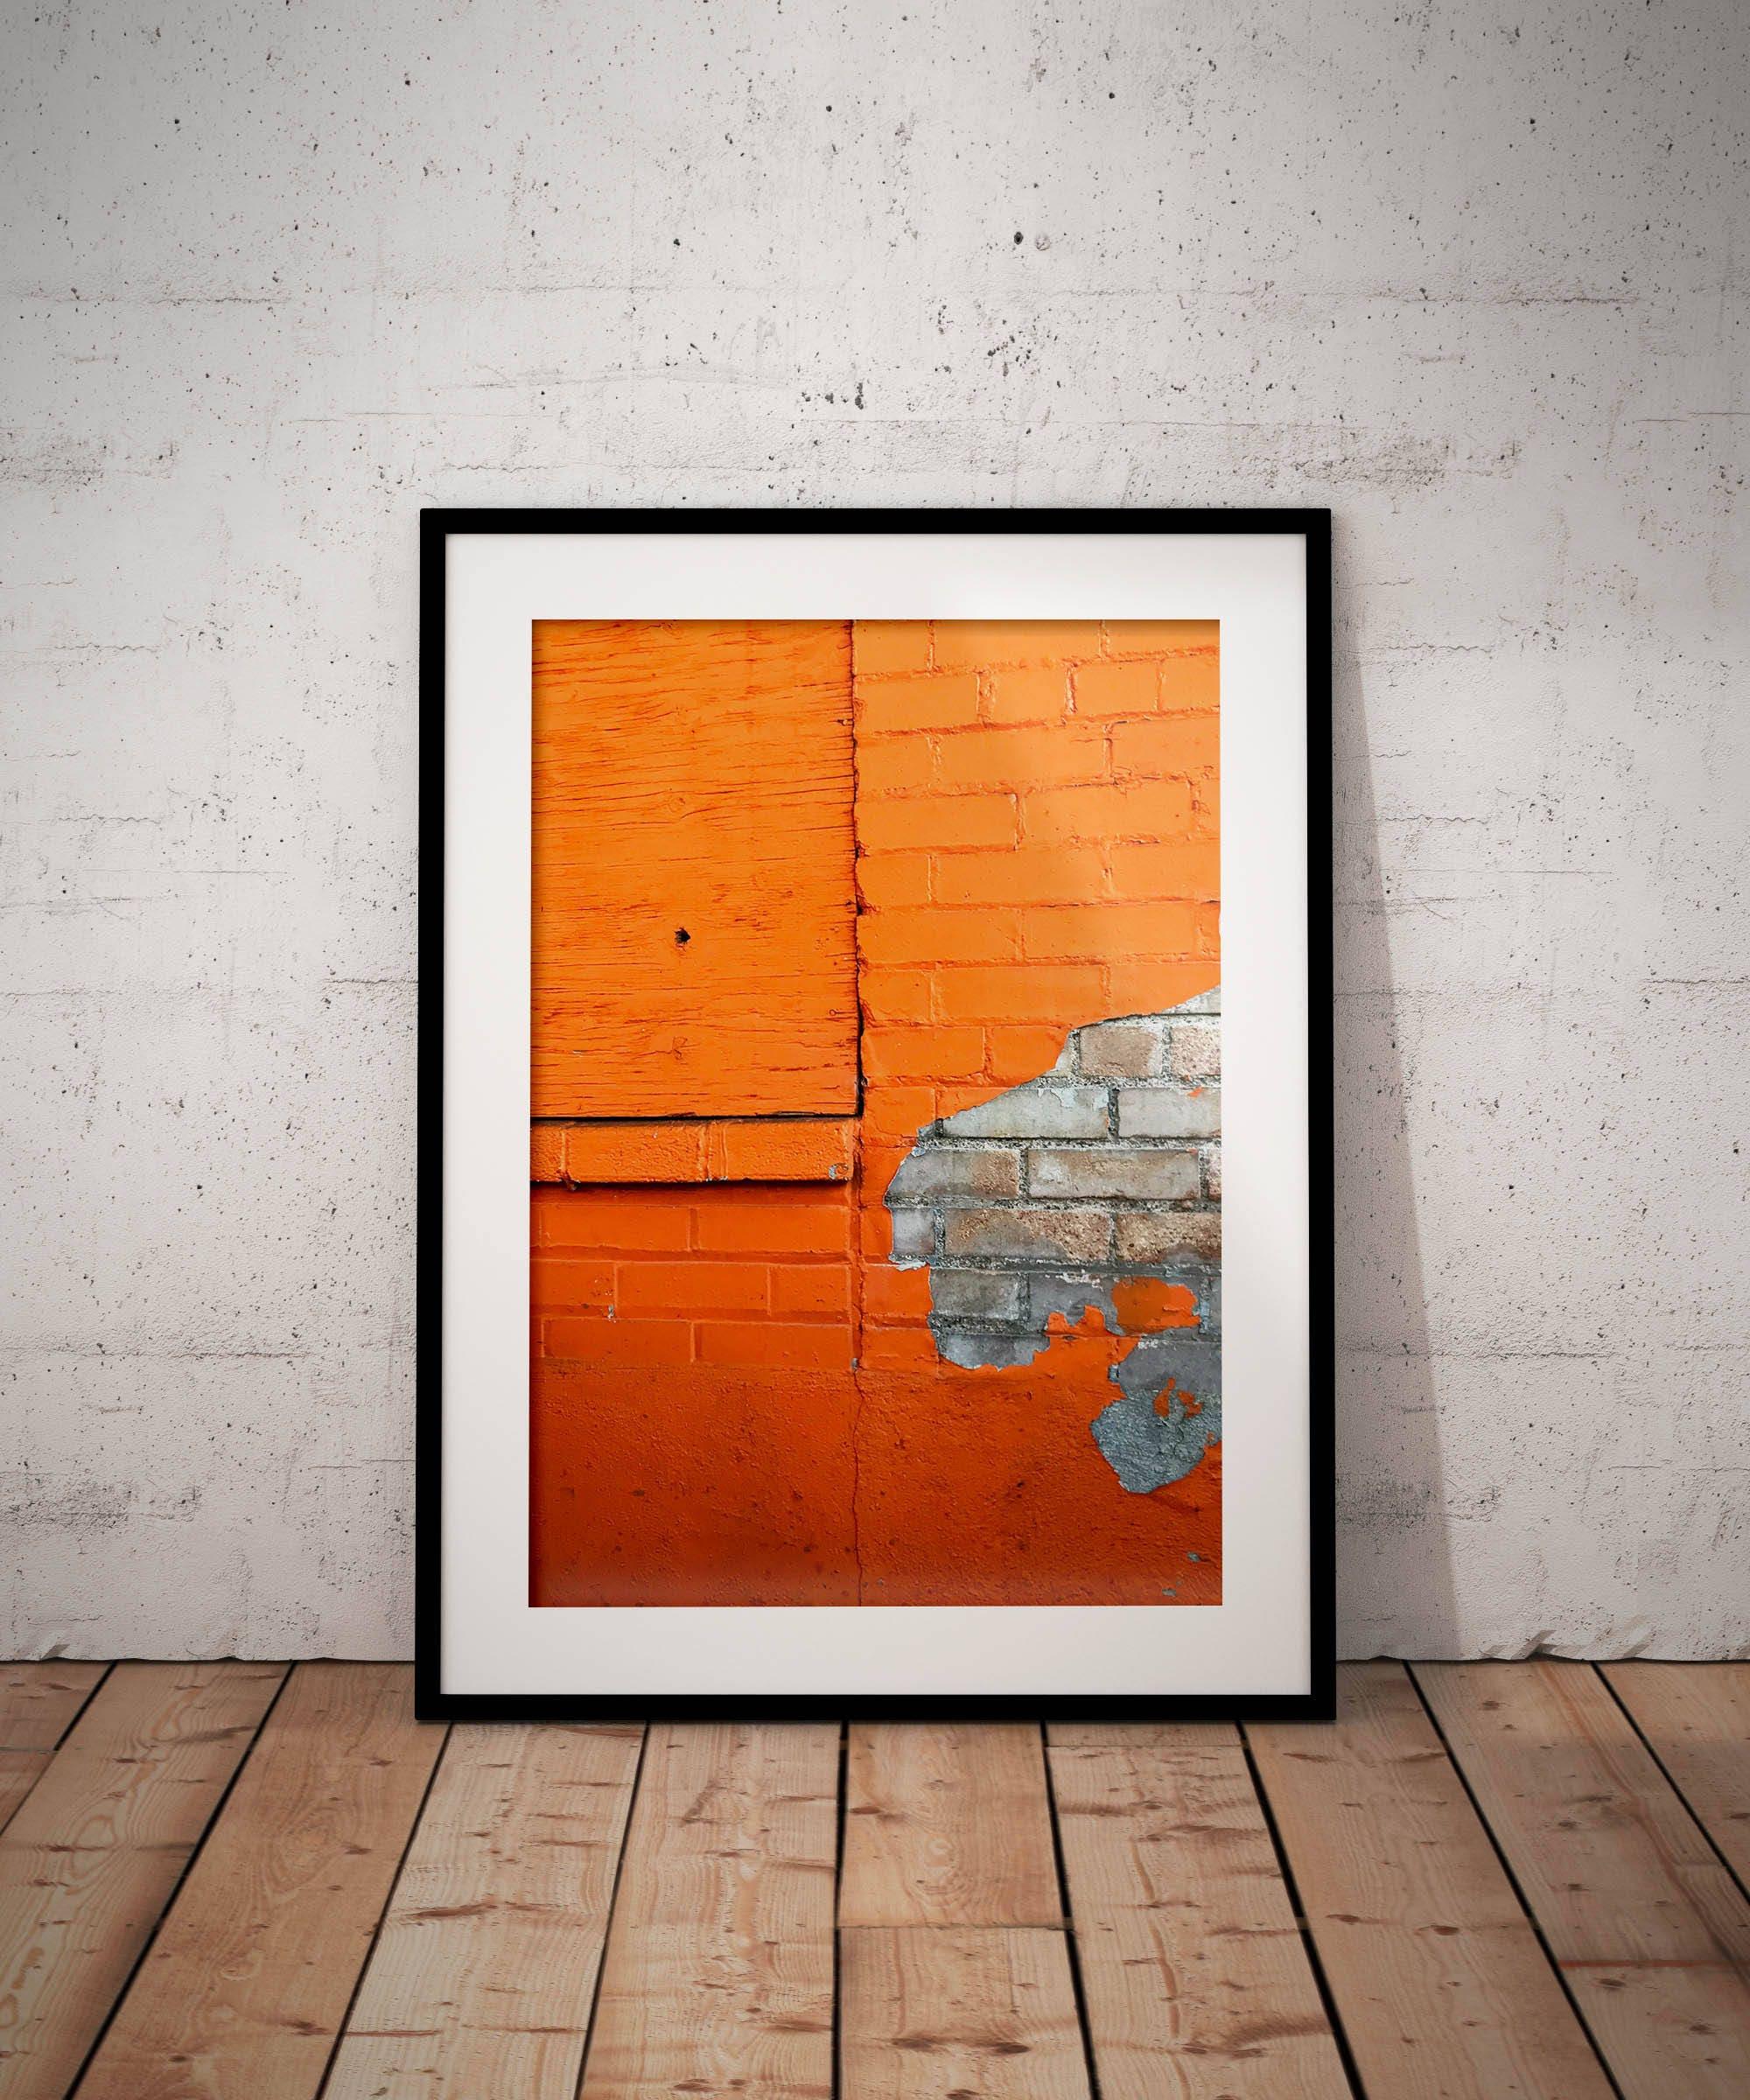 Peinture Qui S écaille Orange Numérique Télécharger Art Mural Imprimable Photo Photographie De Nature Décor à La Maison Fine Art Coloré